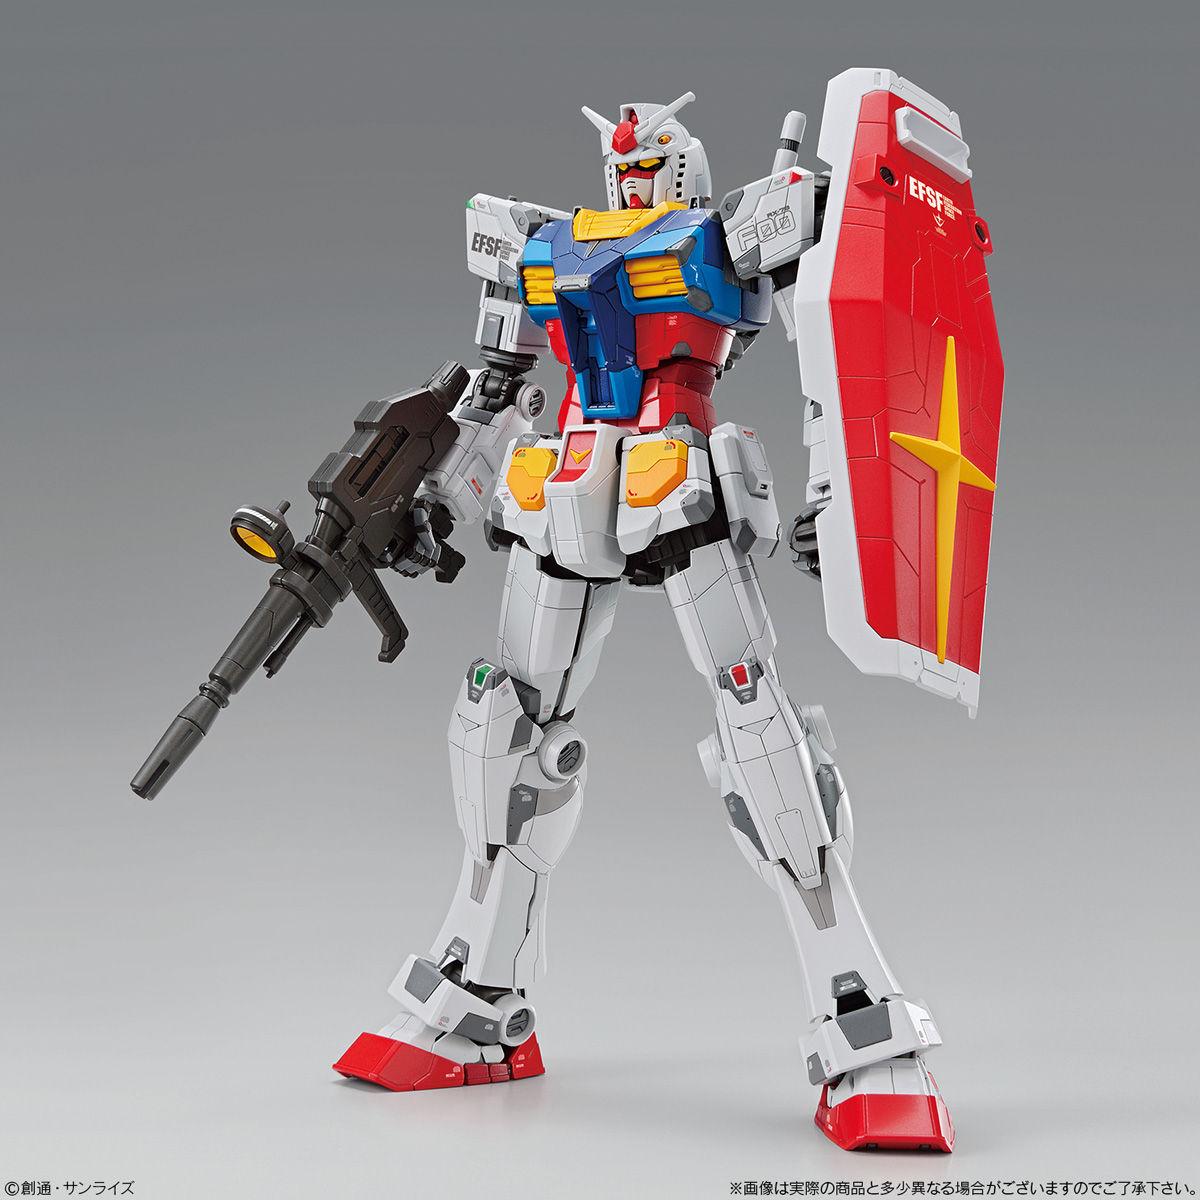 【先行販売】GUNDAM FACTORY YOKOHAMA『RX-78F00 ガンダム』1/100 プラモデル-002